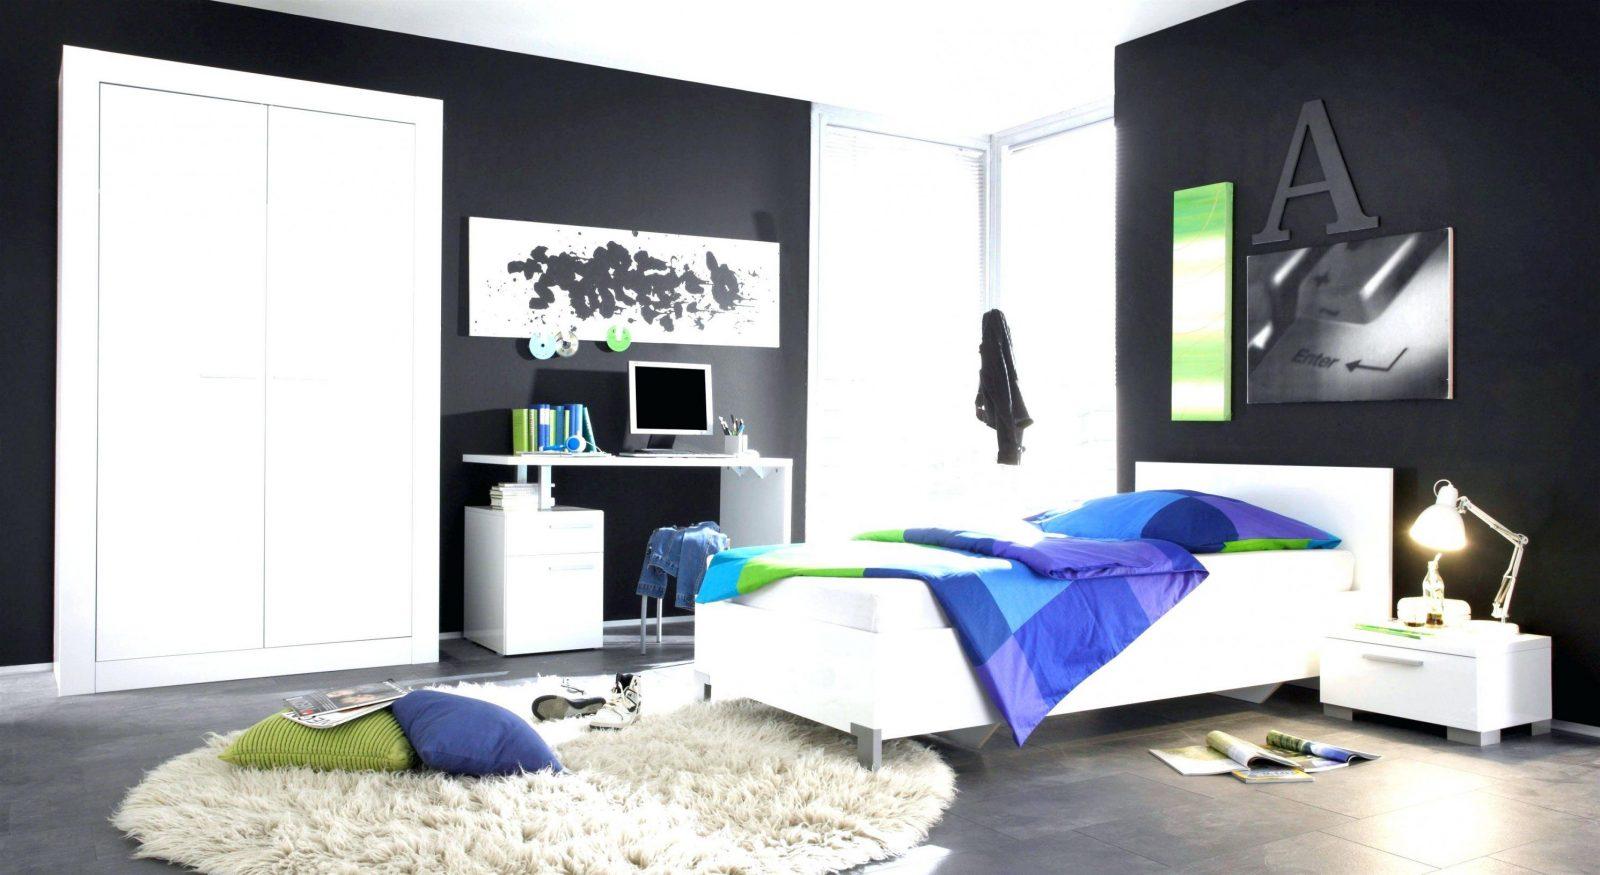 Jugendzimmer f r jungs einrichten haus design ideen - Jugendzimmer fur jungs ...